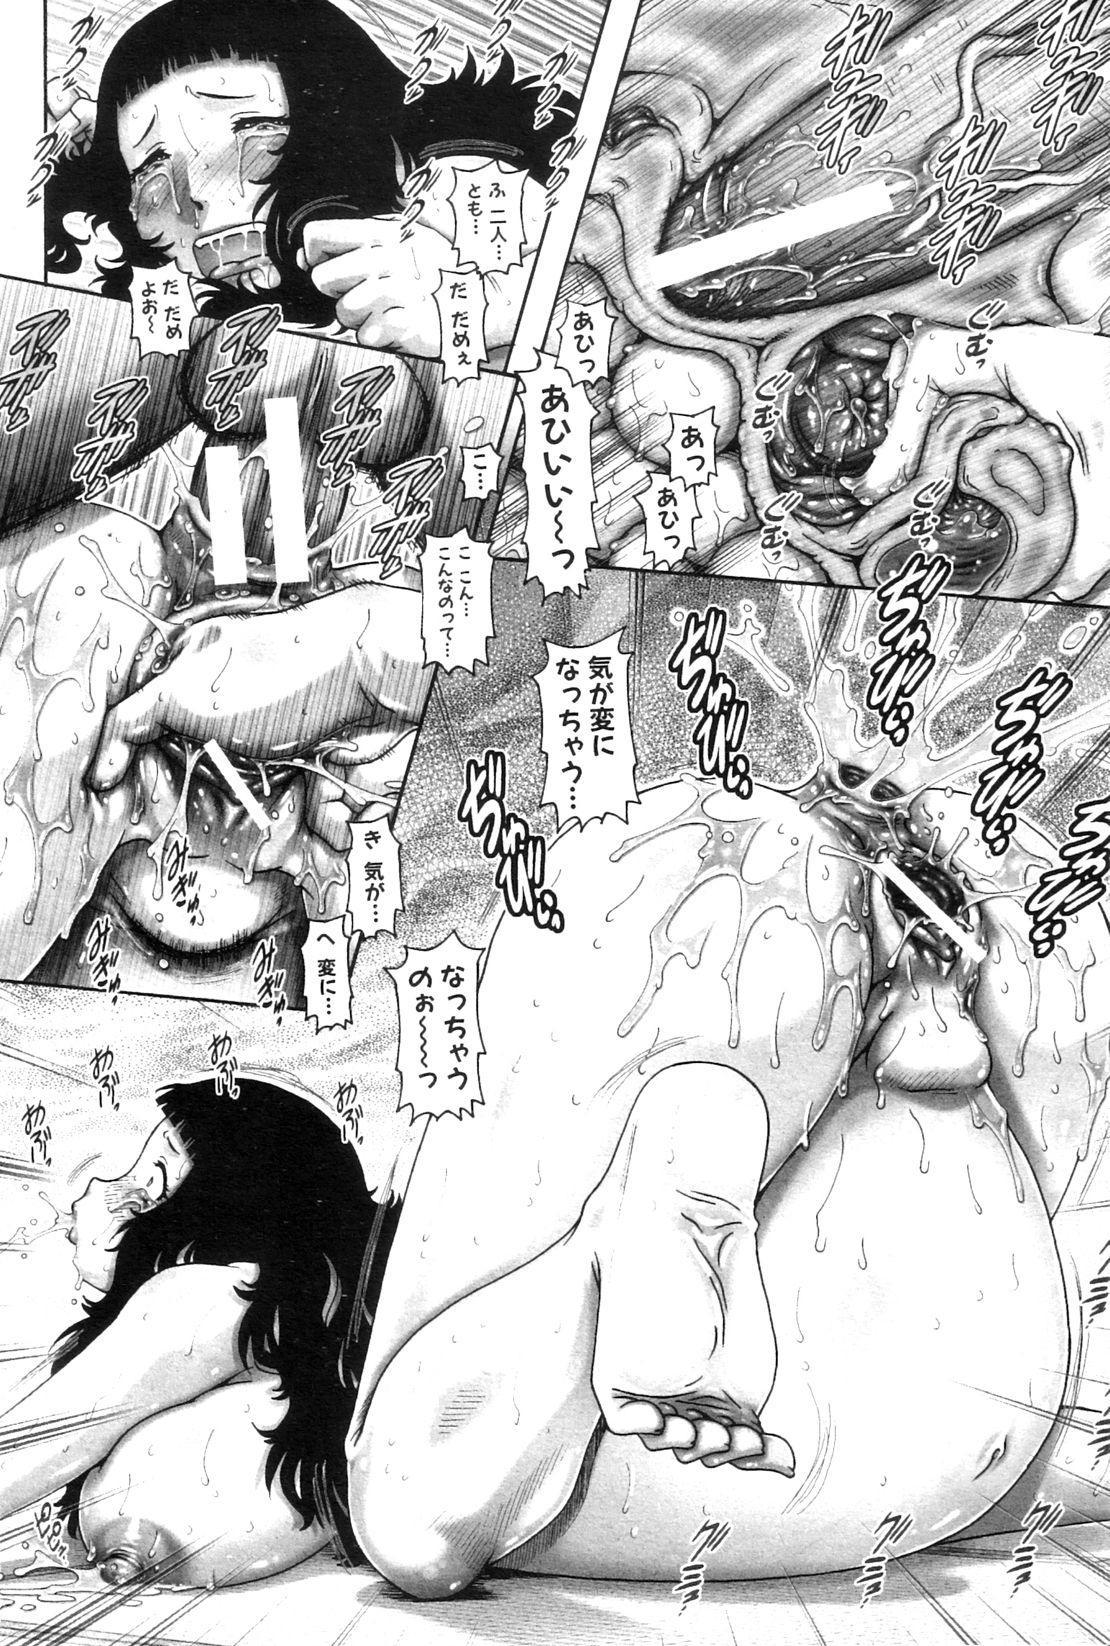 Ayakashiyakata no Tamahime 73